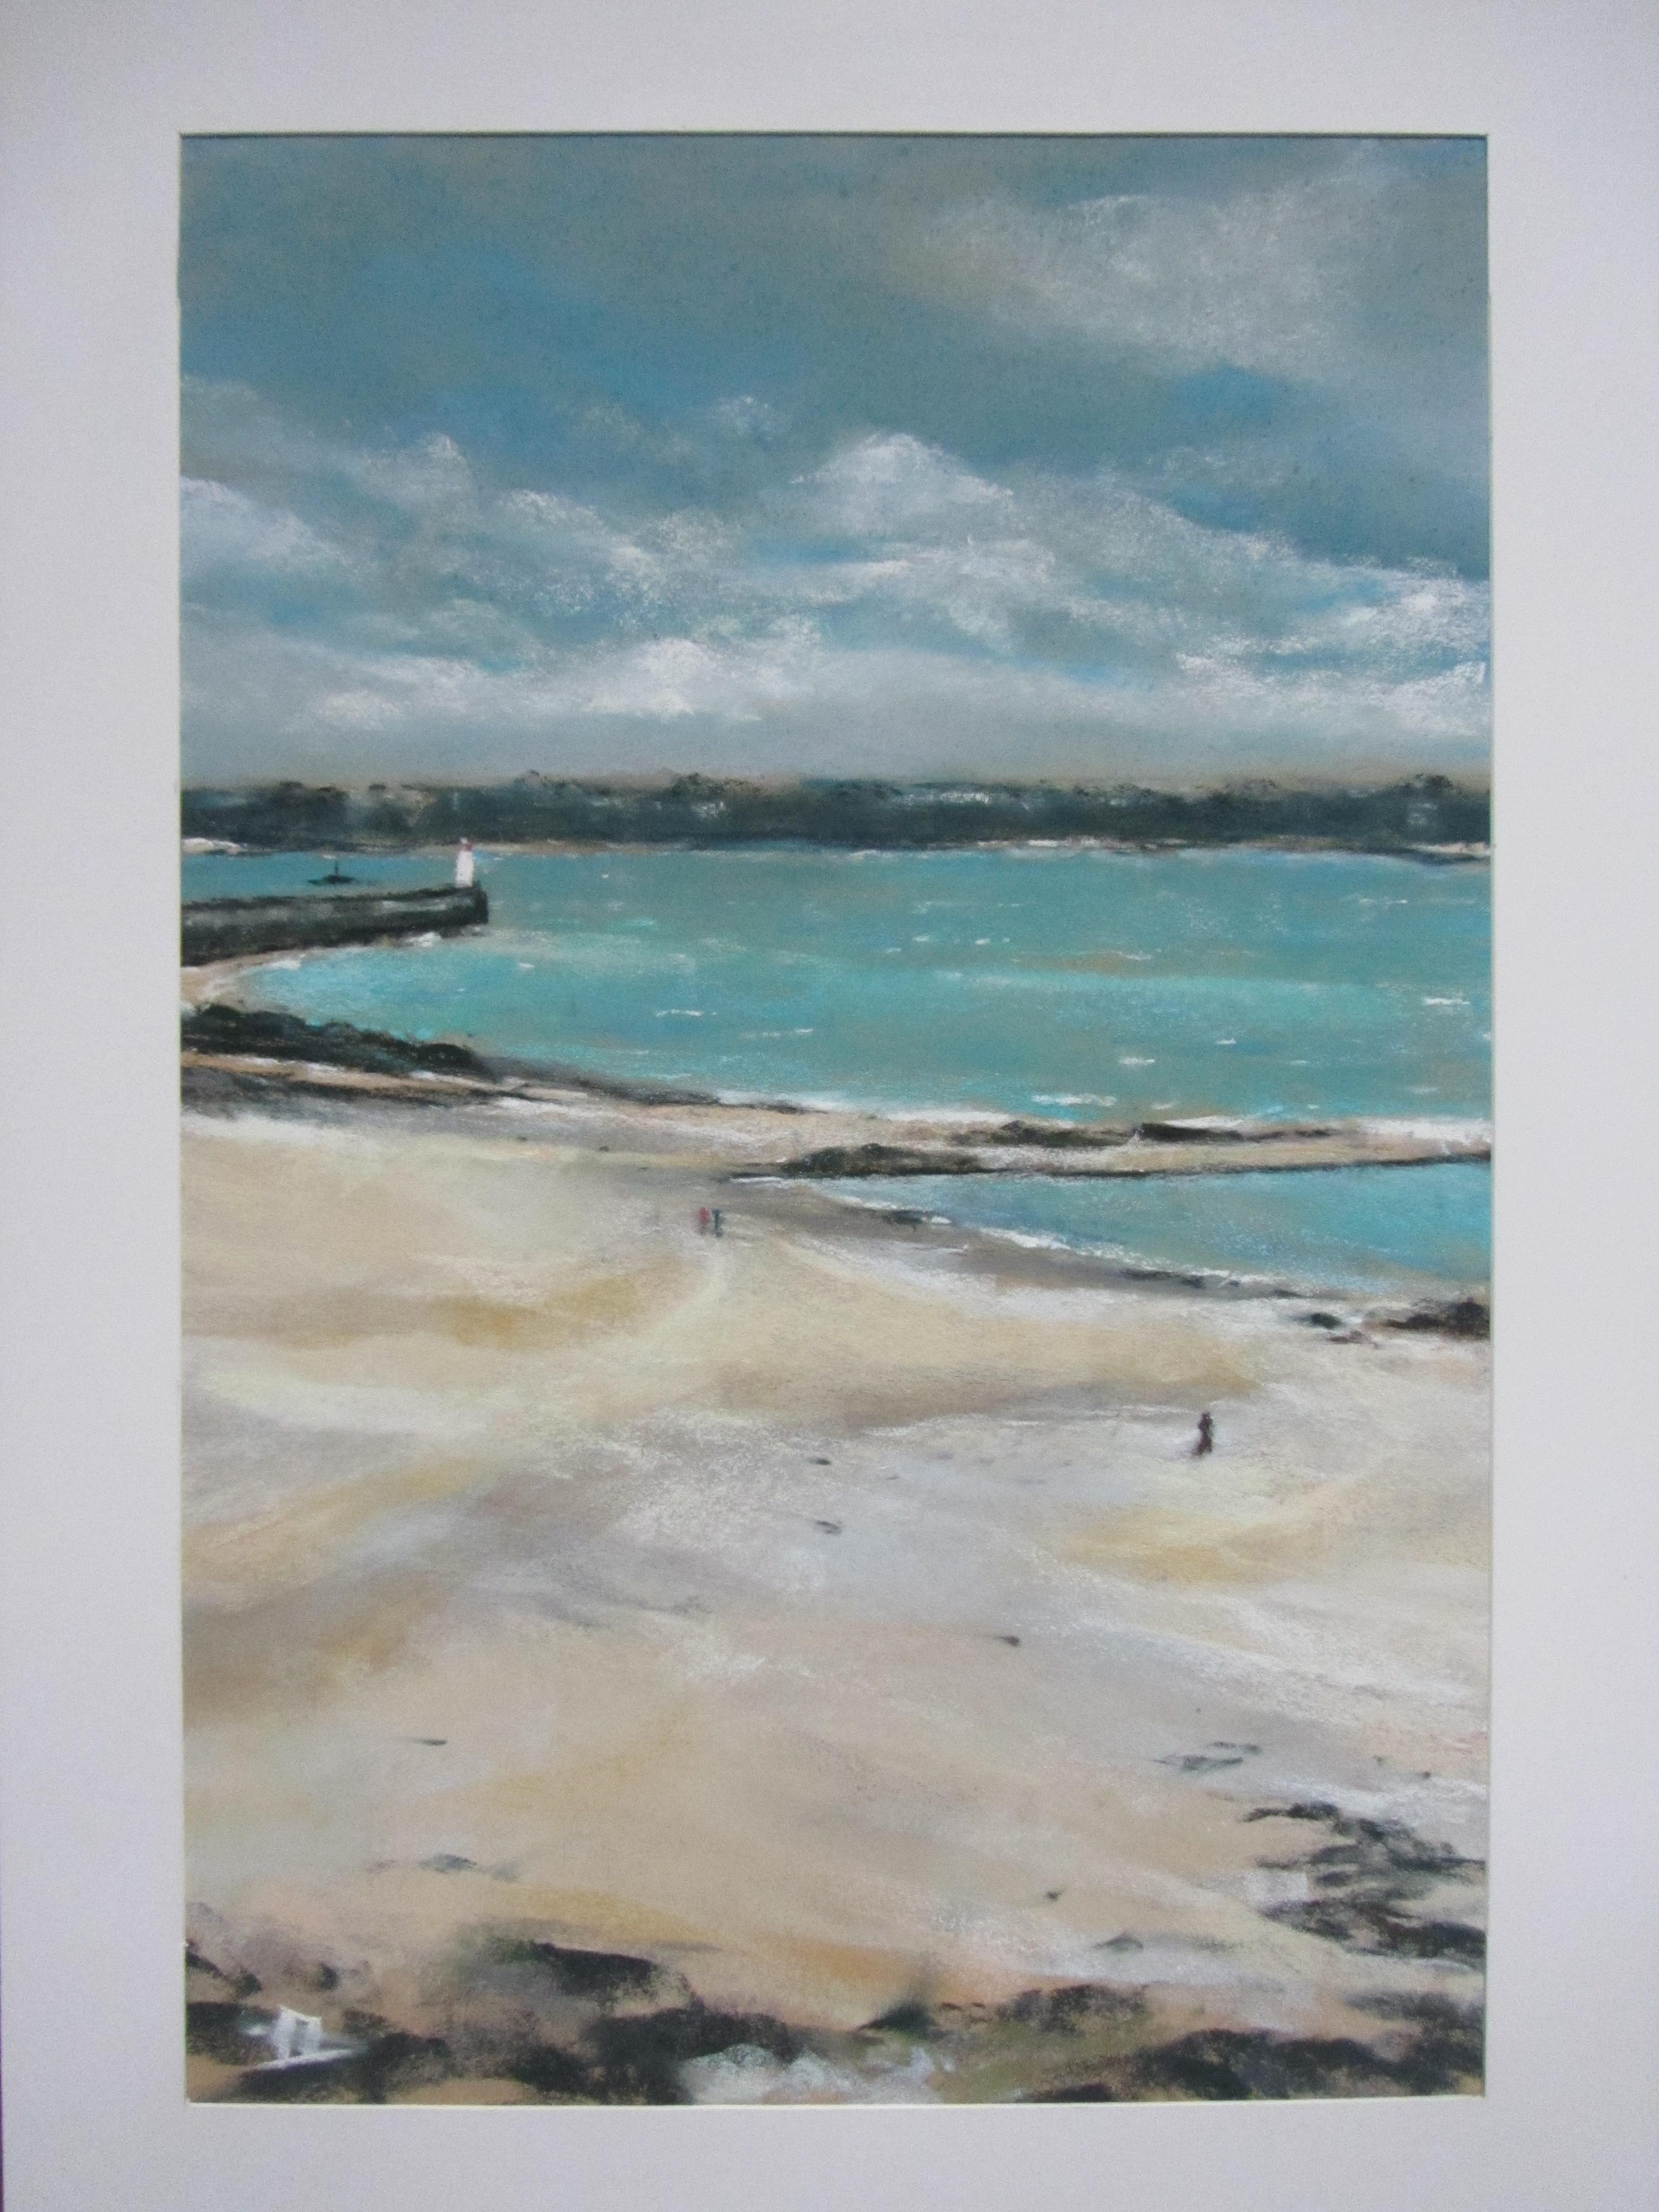 Phare de Saint-Malo - Pastel sec par Isabelle Douzamy - Février - 39x59 cm